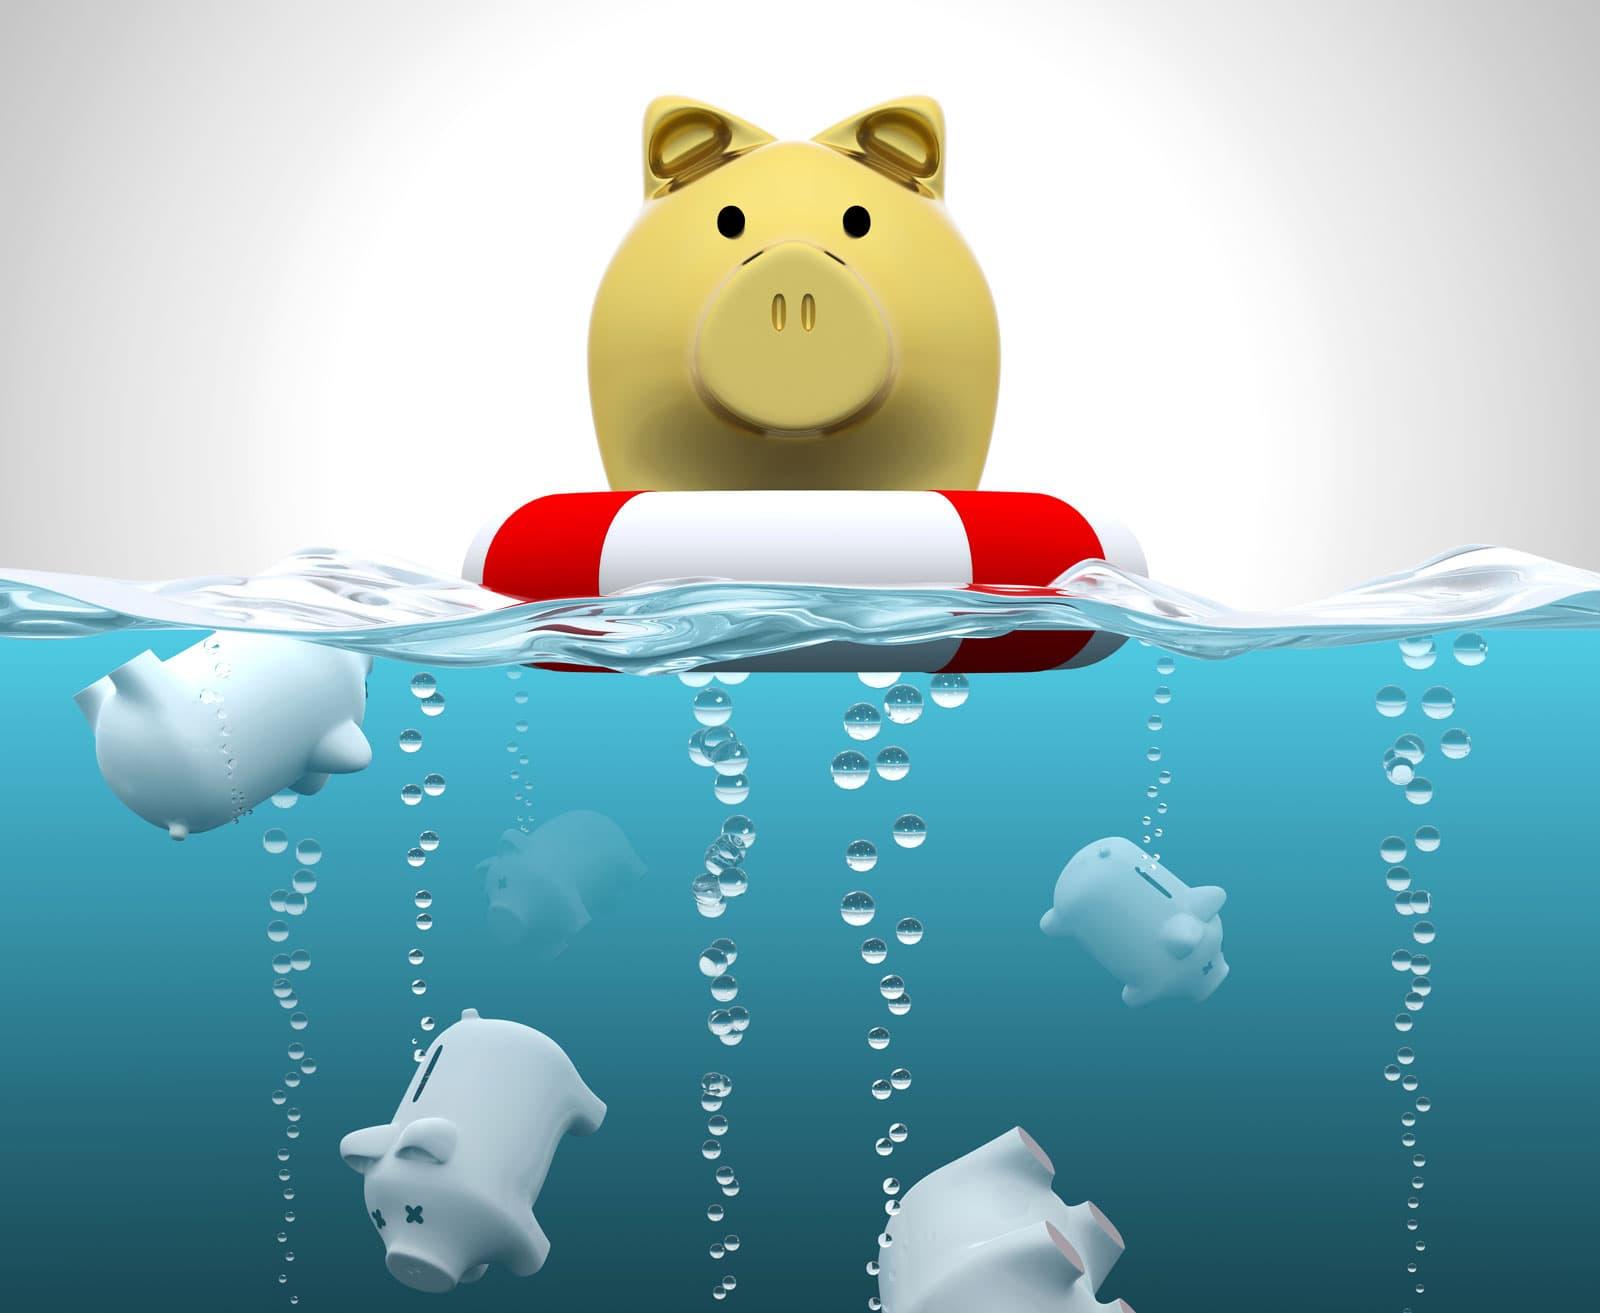 Med livrenten er du sikret pensionsudbetalinger resten af livet.